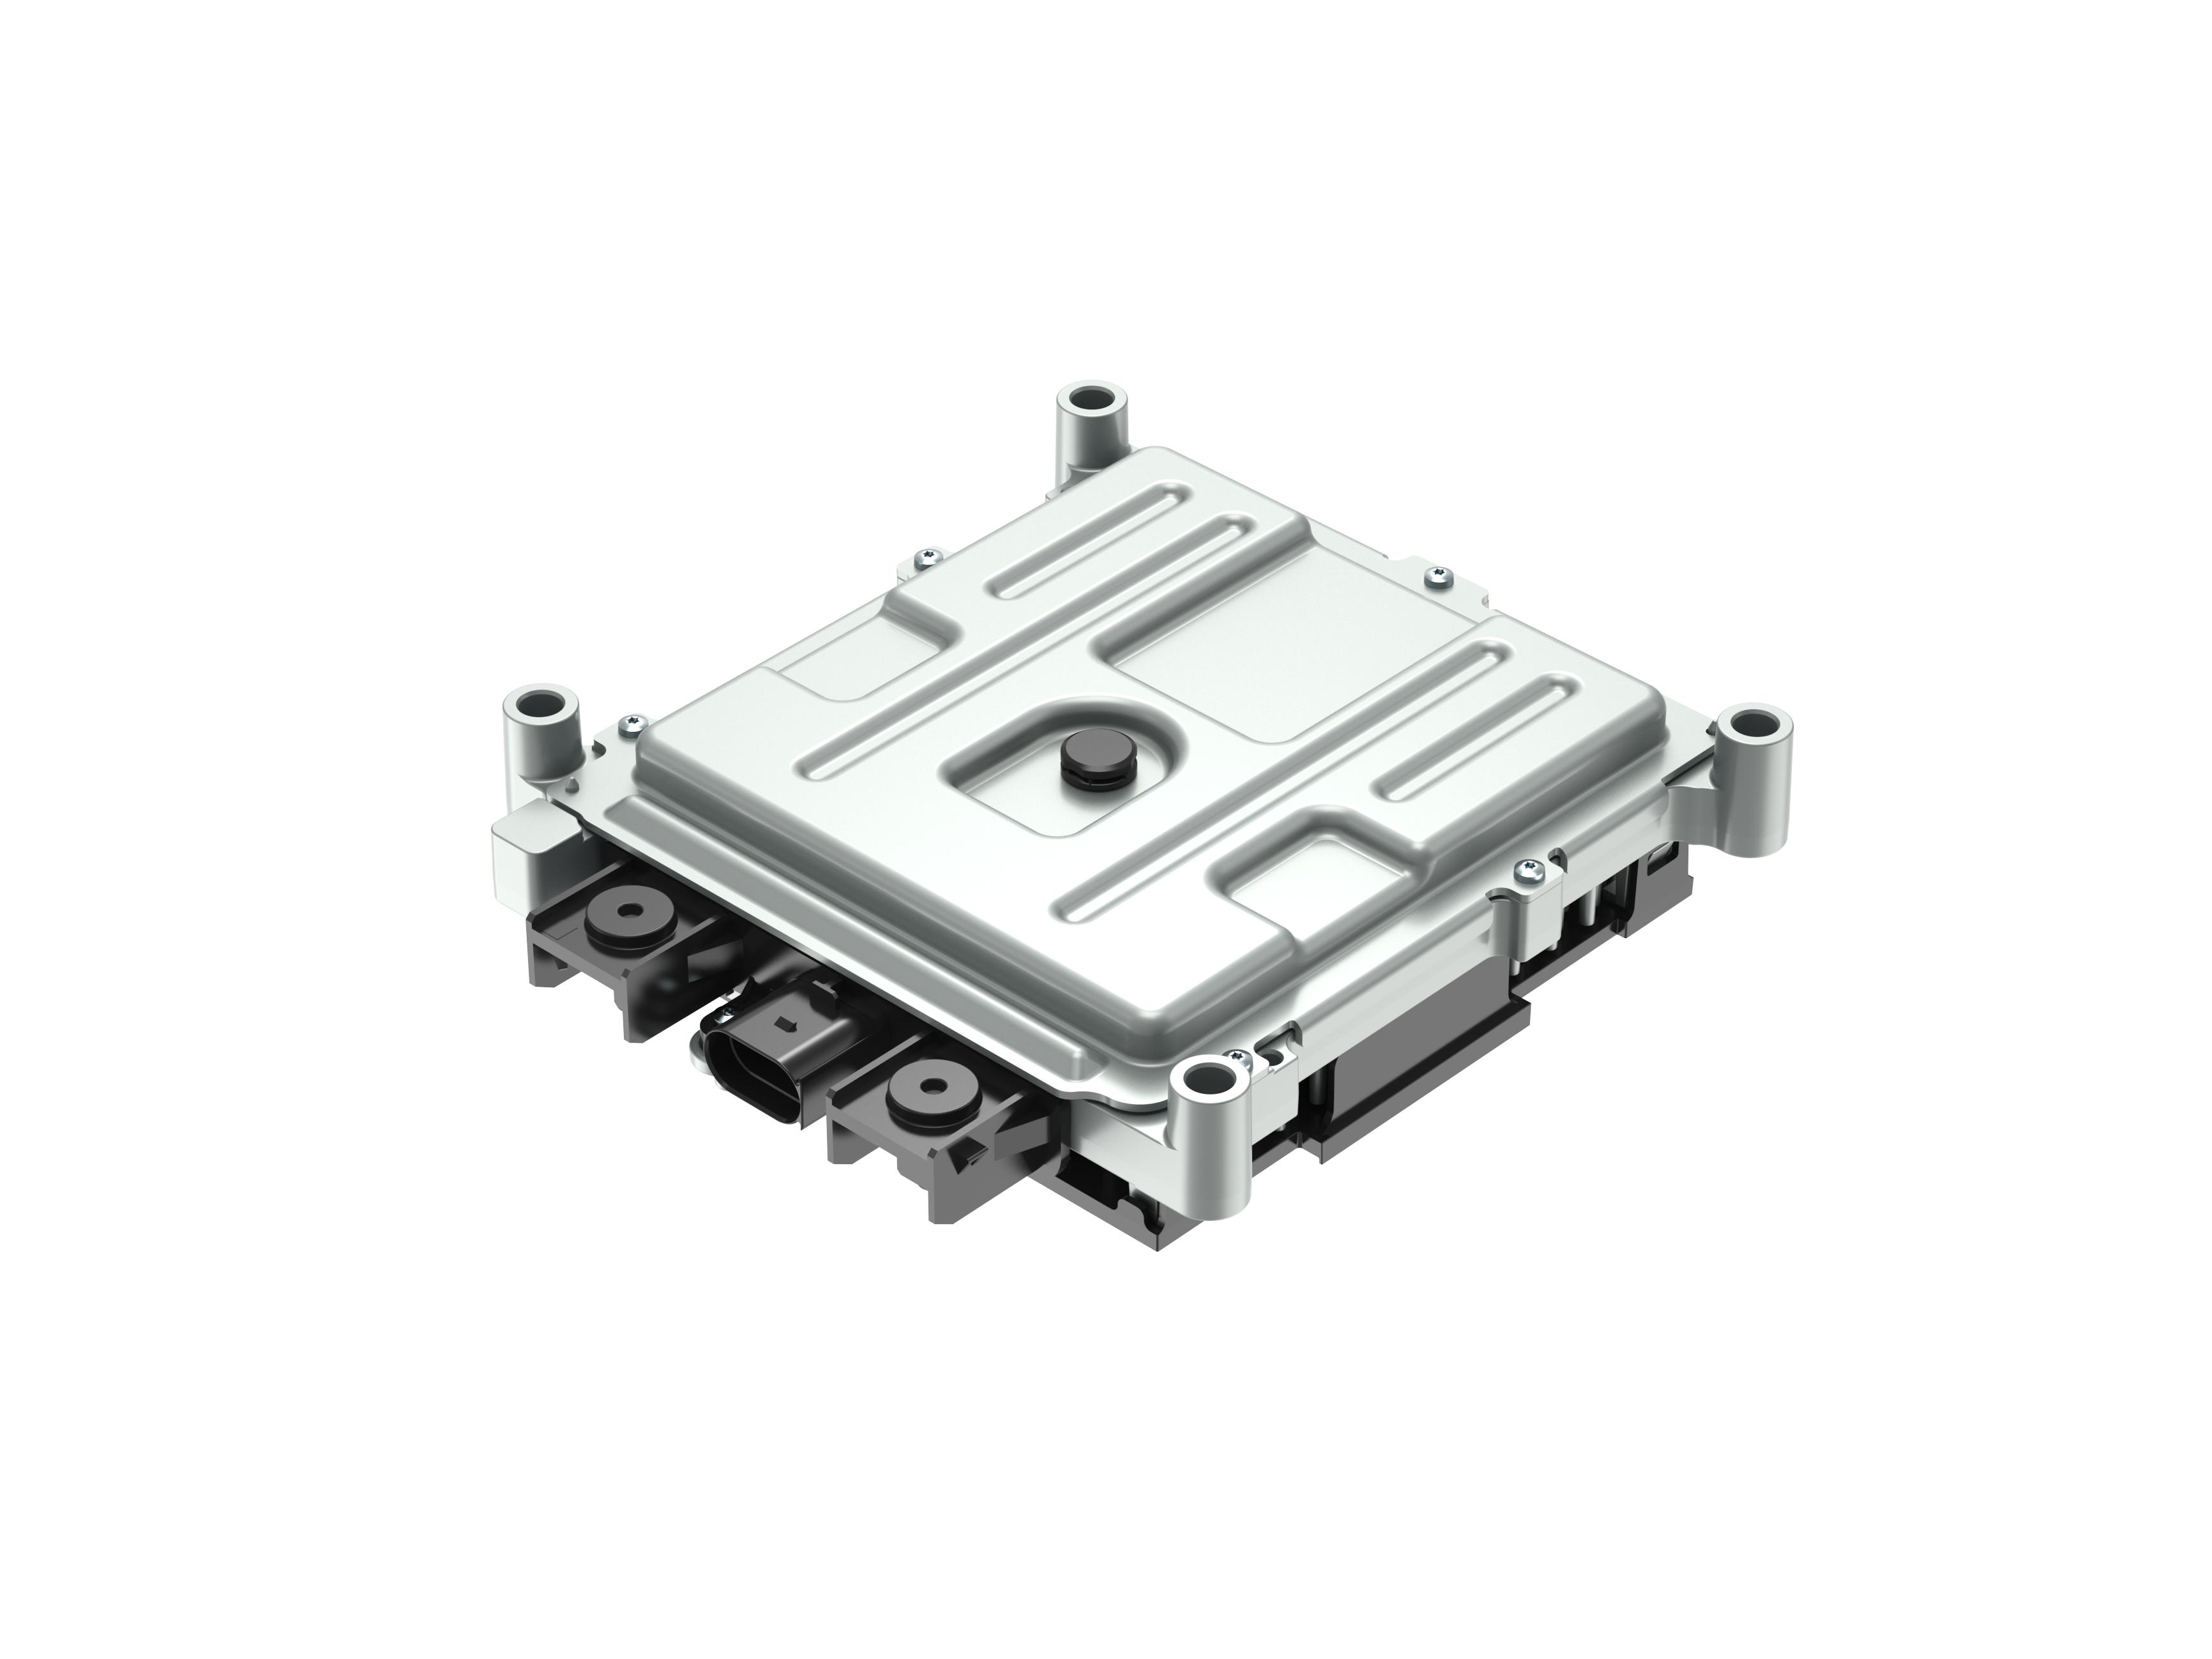 48 V_DCDC_converter